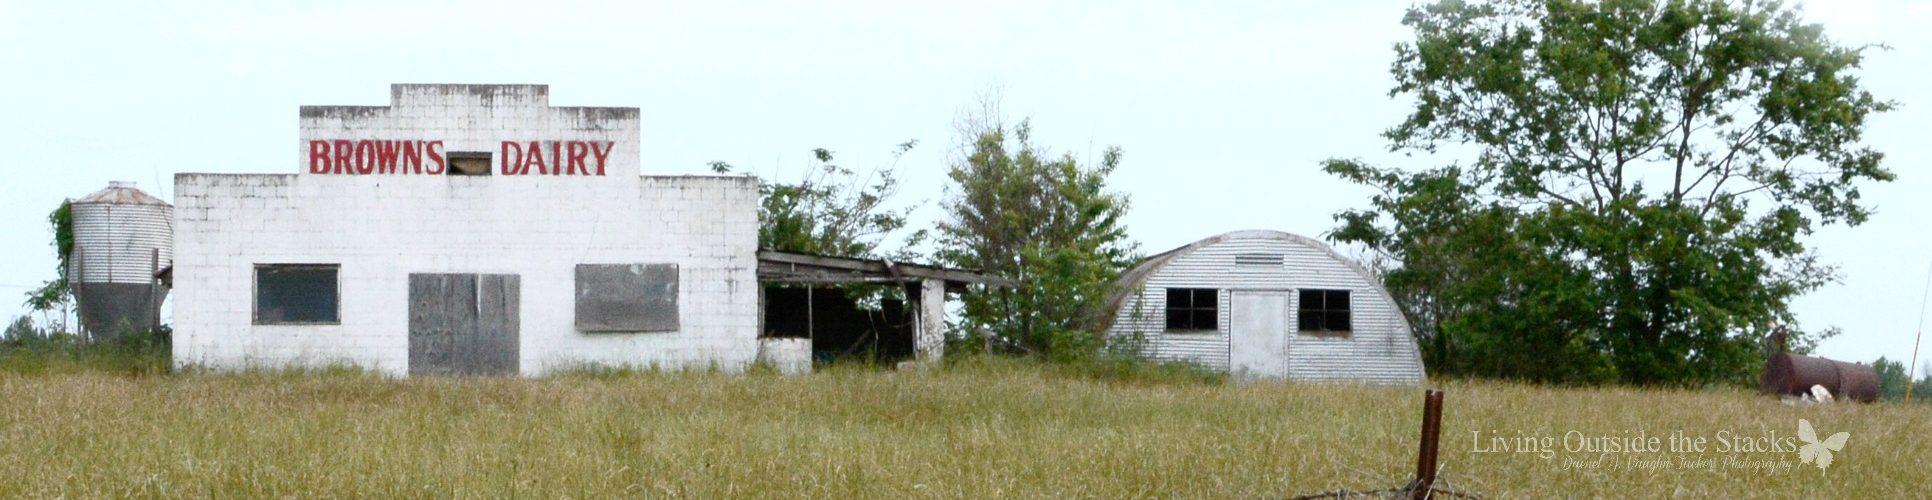 Browns Diary #LOTSAbandonedBeauty {living outside the stacks}